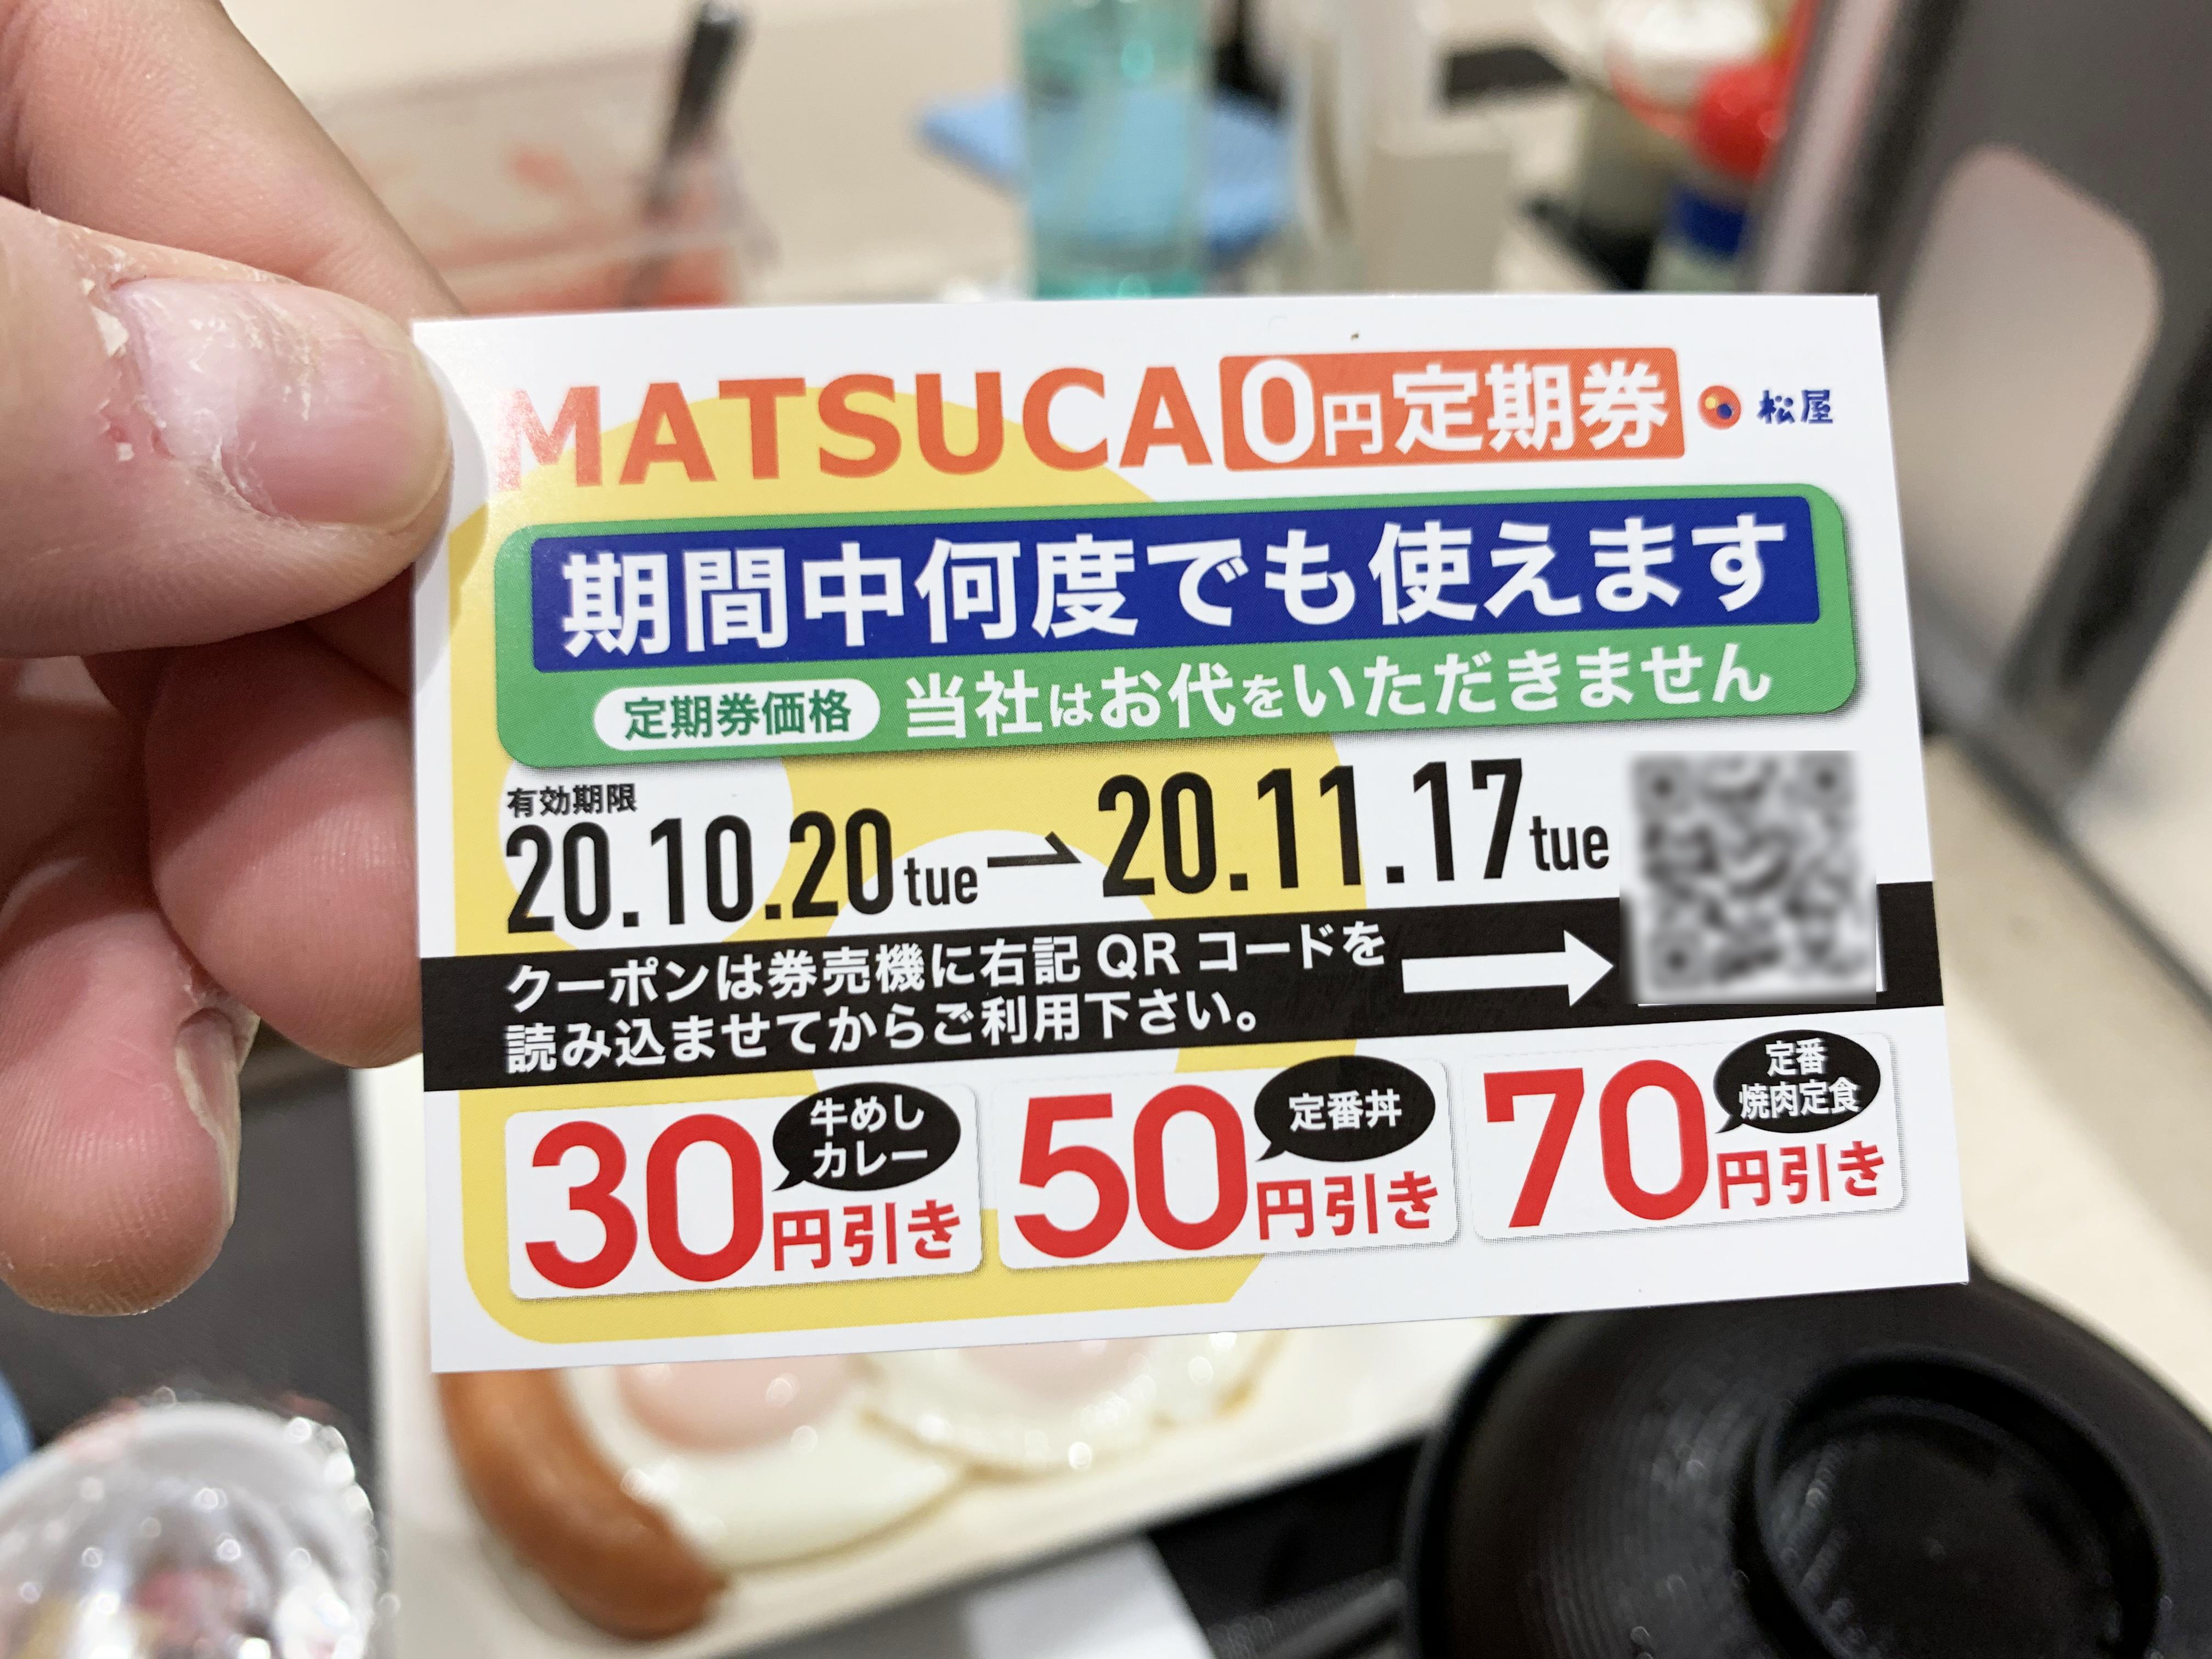 【神】松屋が「0円定期券」を配布してるのでもらってみた! 11月17日まで何度でも値引き可!! しかも、もらい方は……